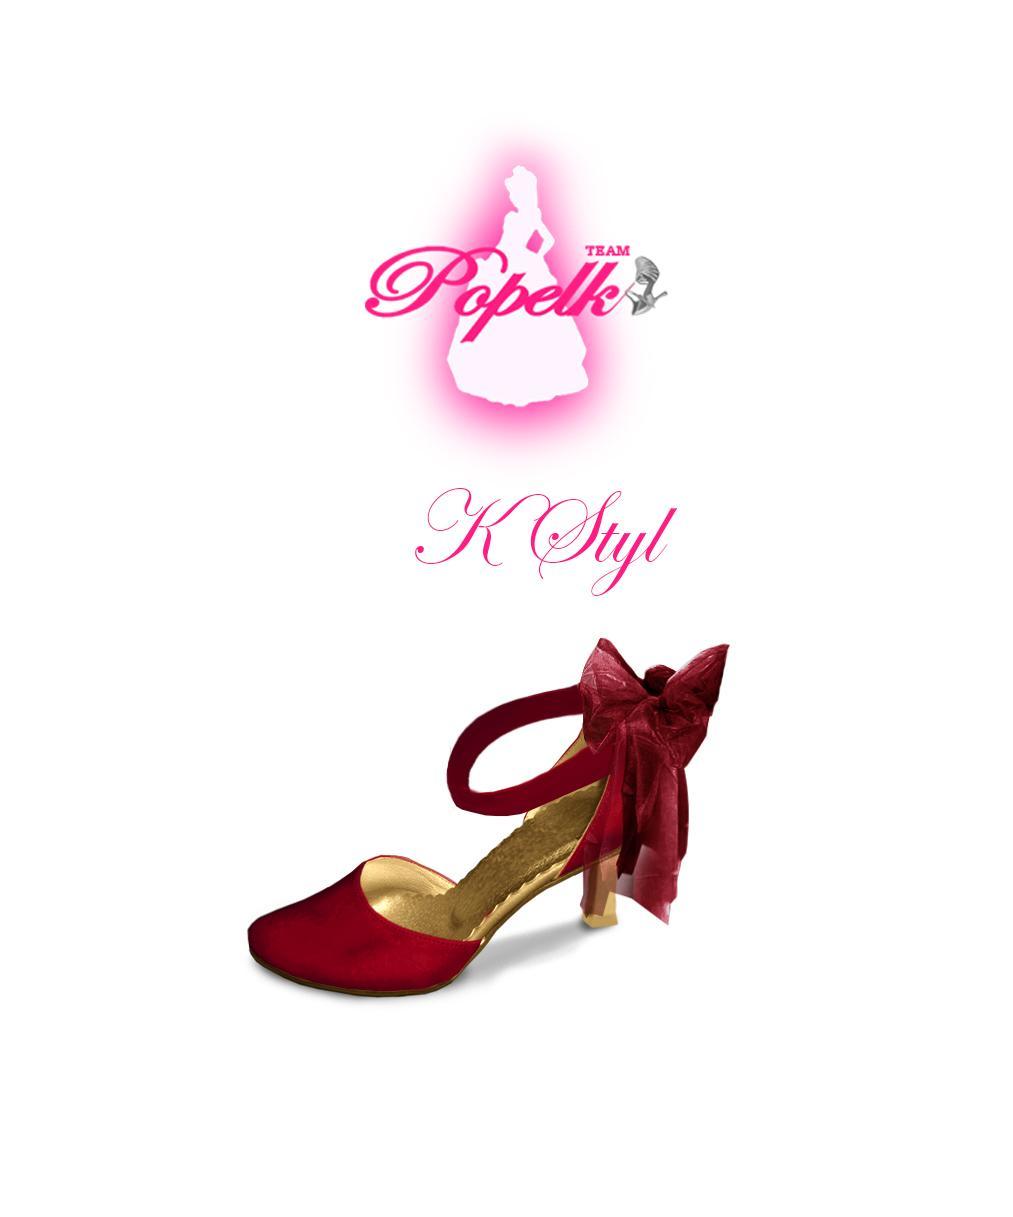 Svadobné topánky s úpravou na želanie - inšpirácie bordó, hnědá, čokoládová - Obrázok č. 34